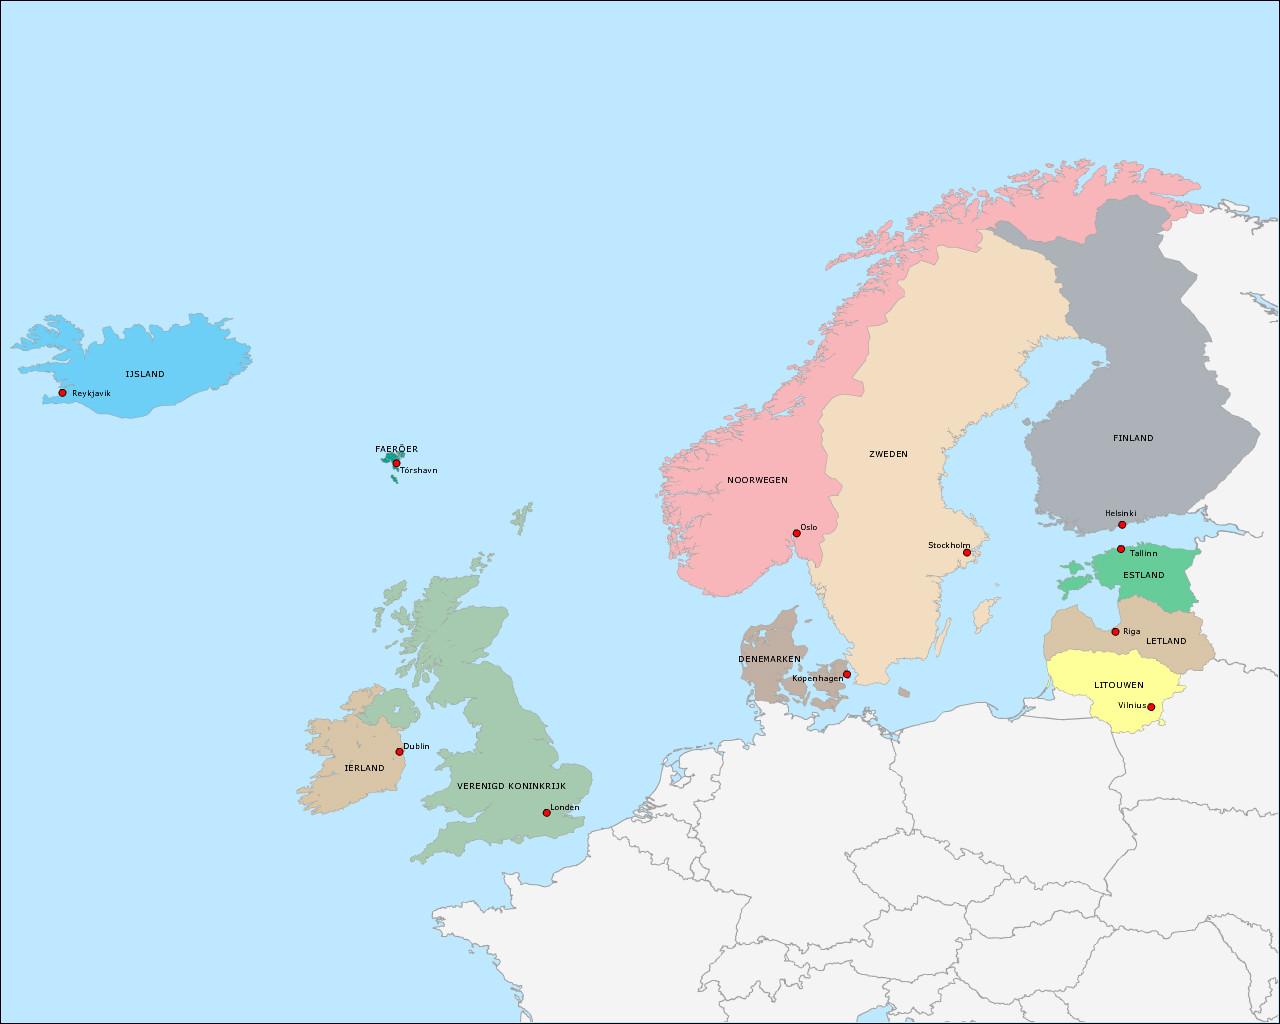 landen-en-hoofdsteden-van-noord-europa